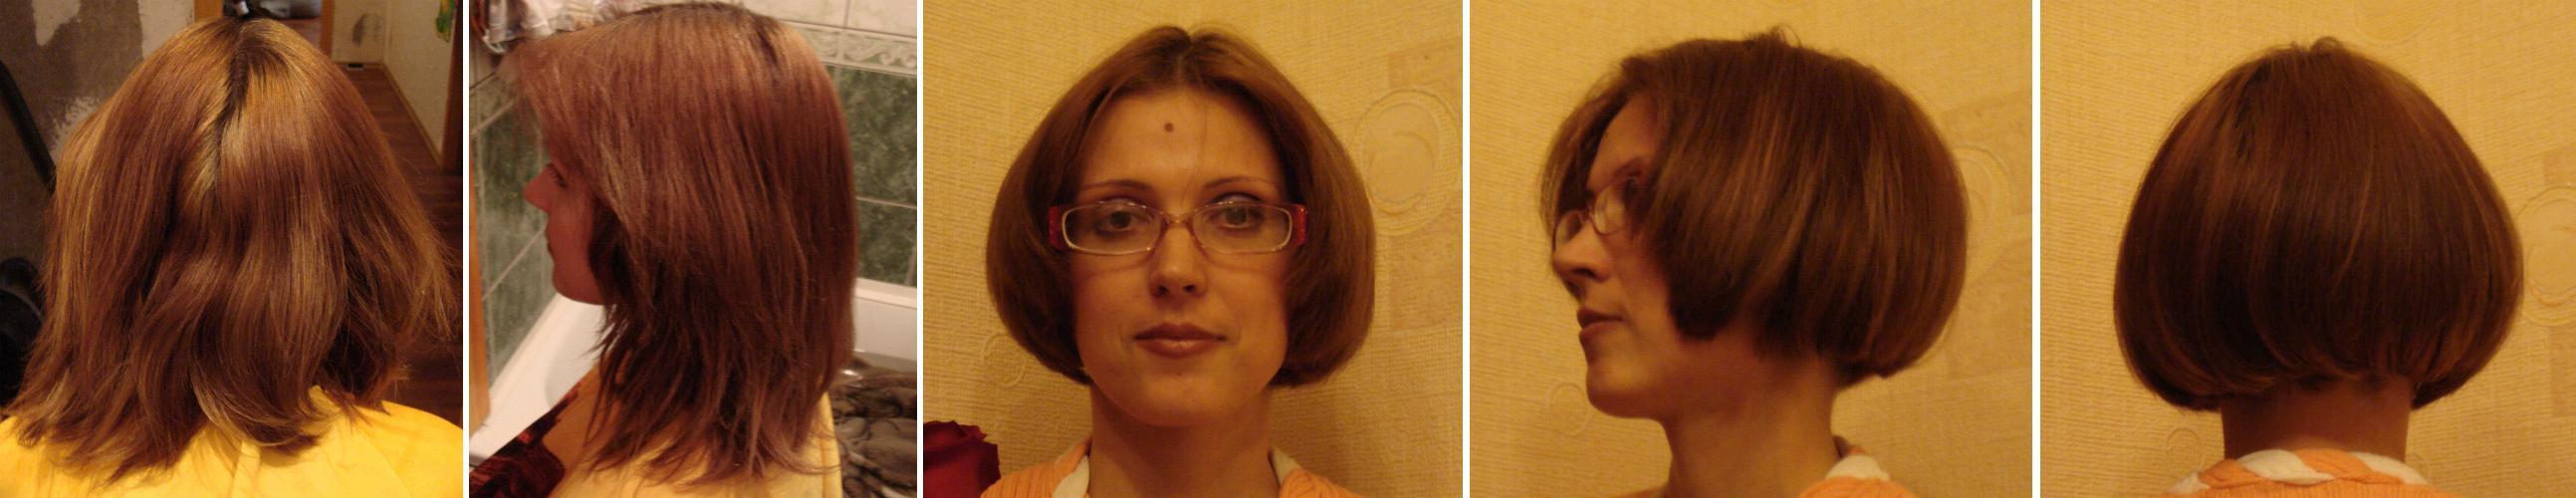 Как самой себе подстричь волосы - боб и каре фото стрижек 46